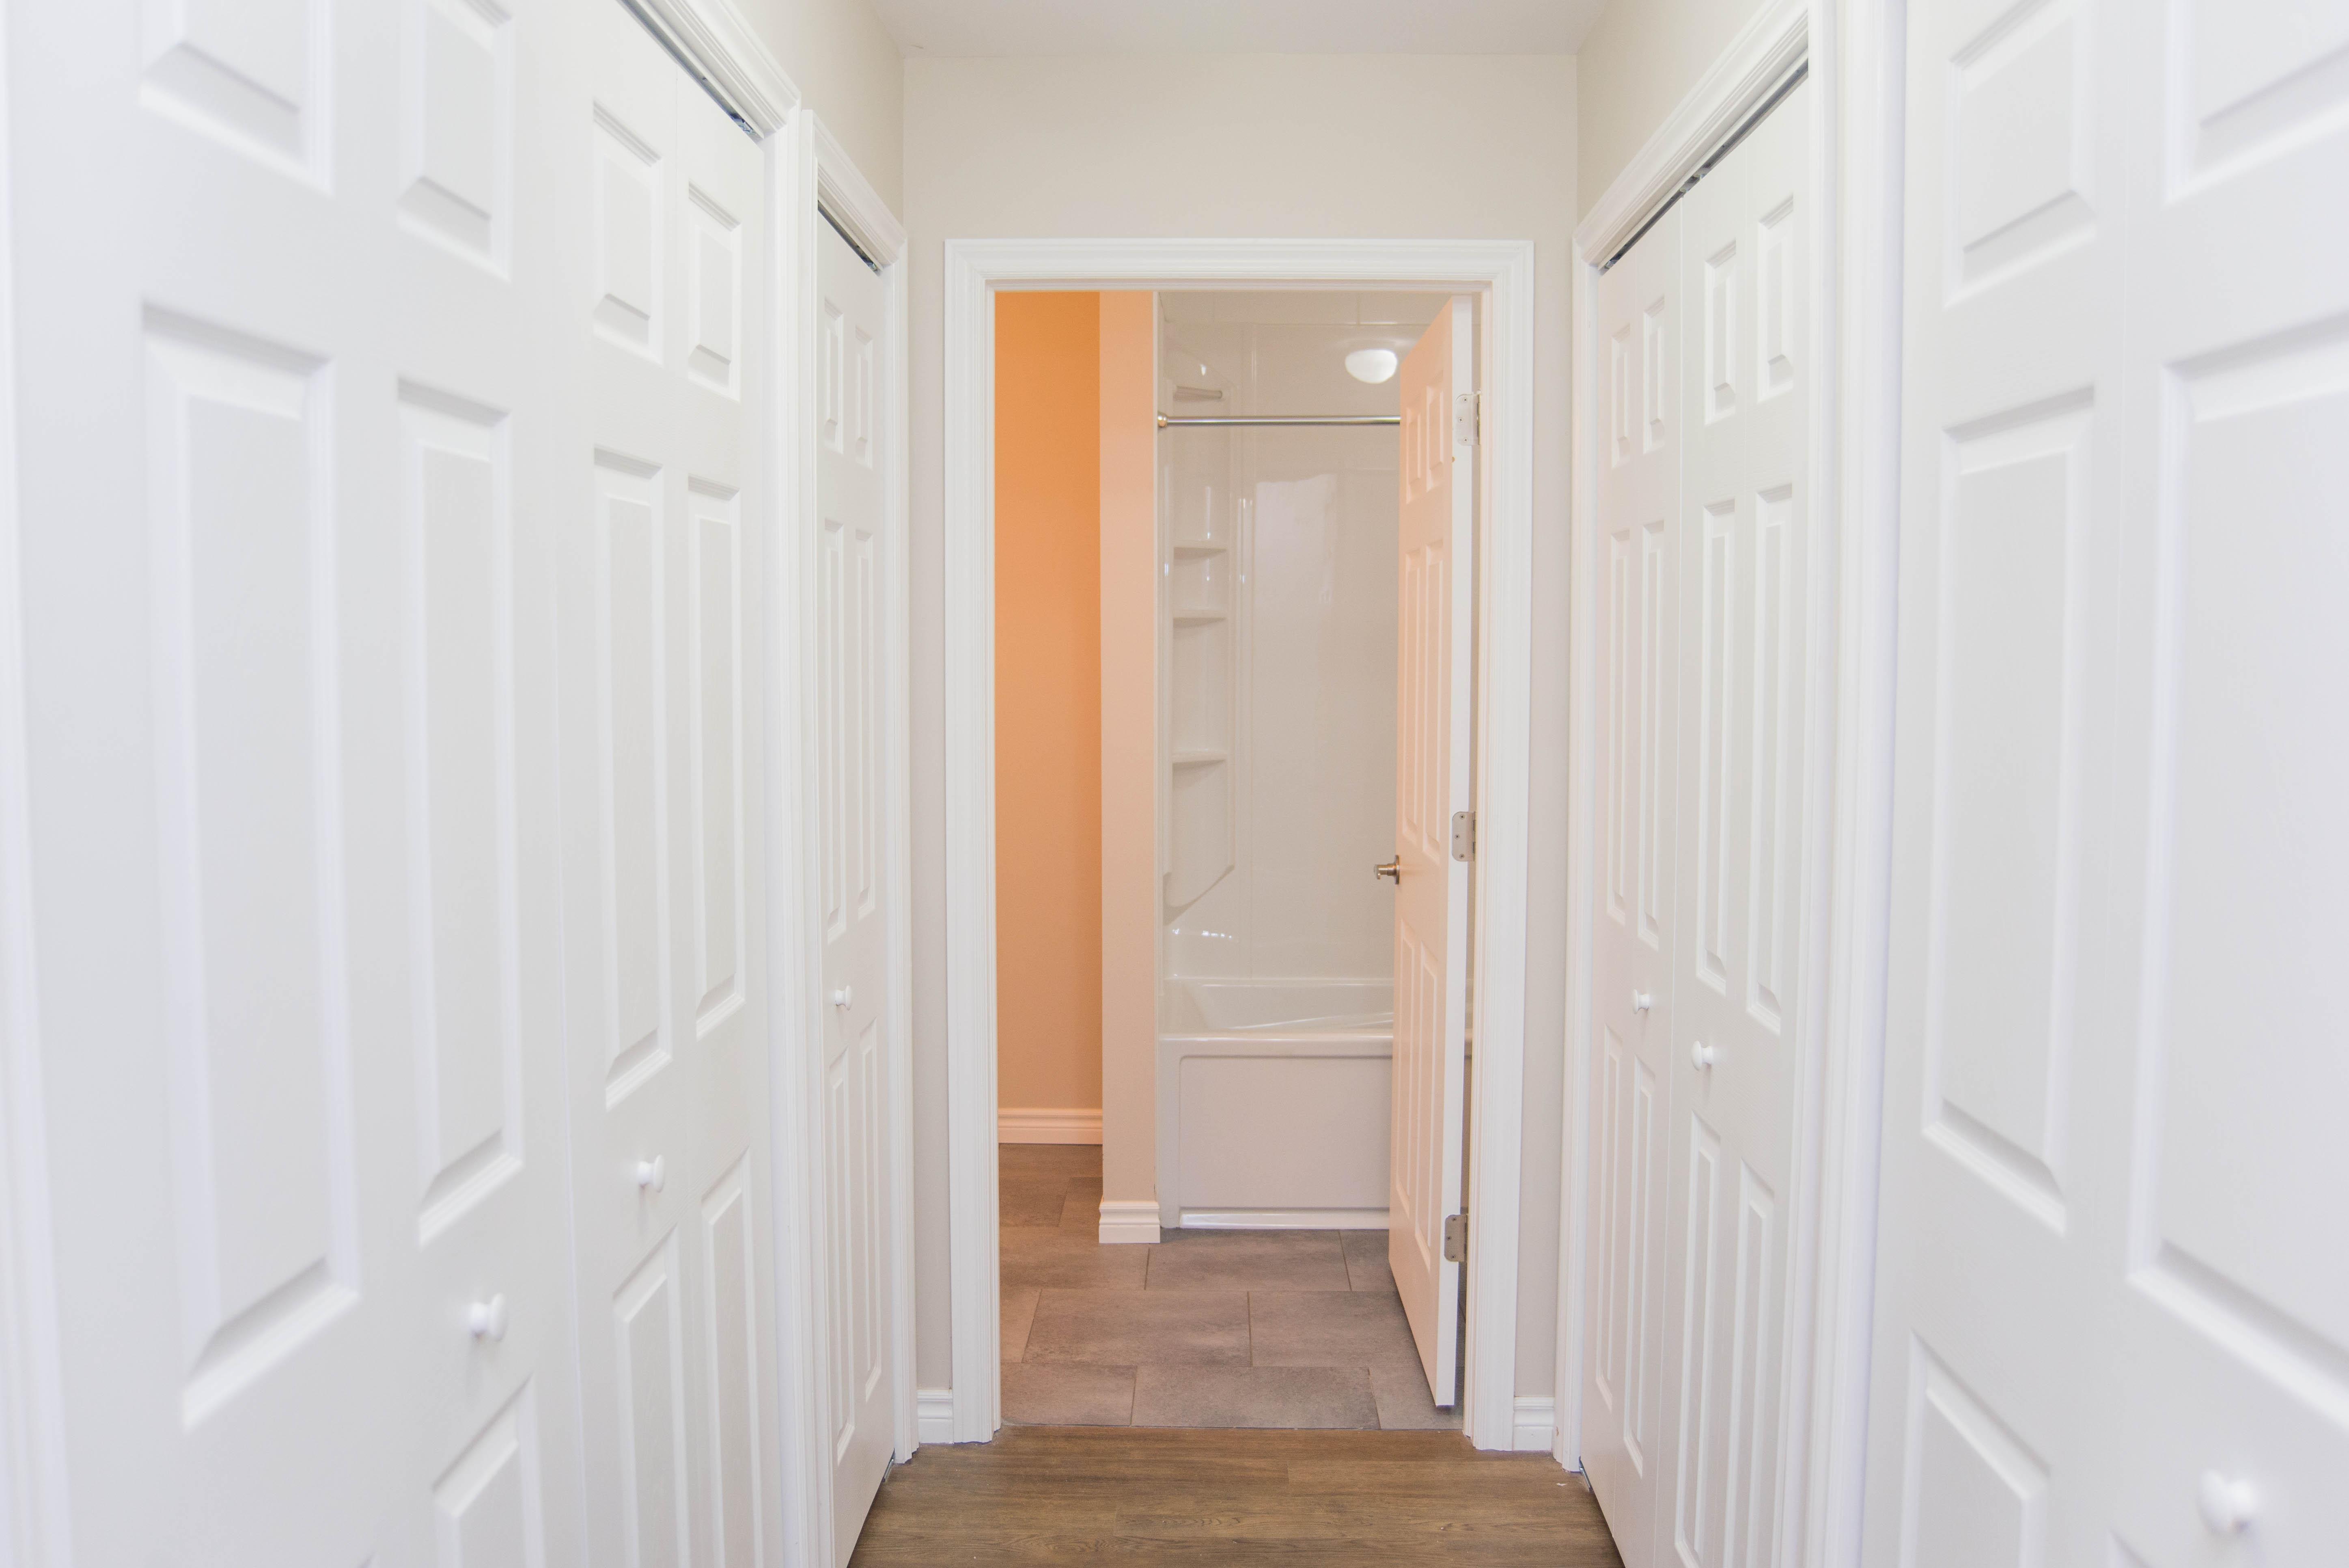 3 Bedroom - Closet Space